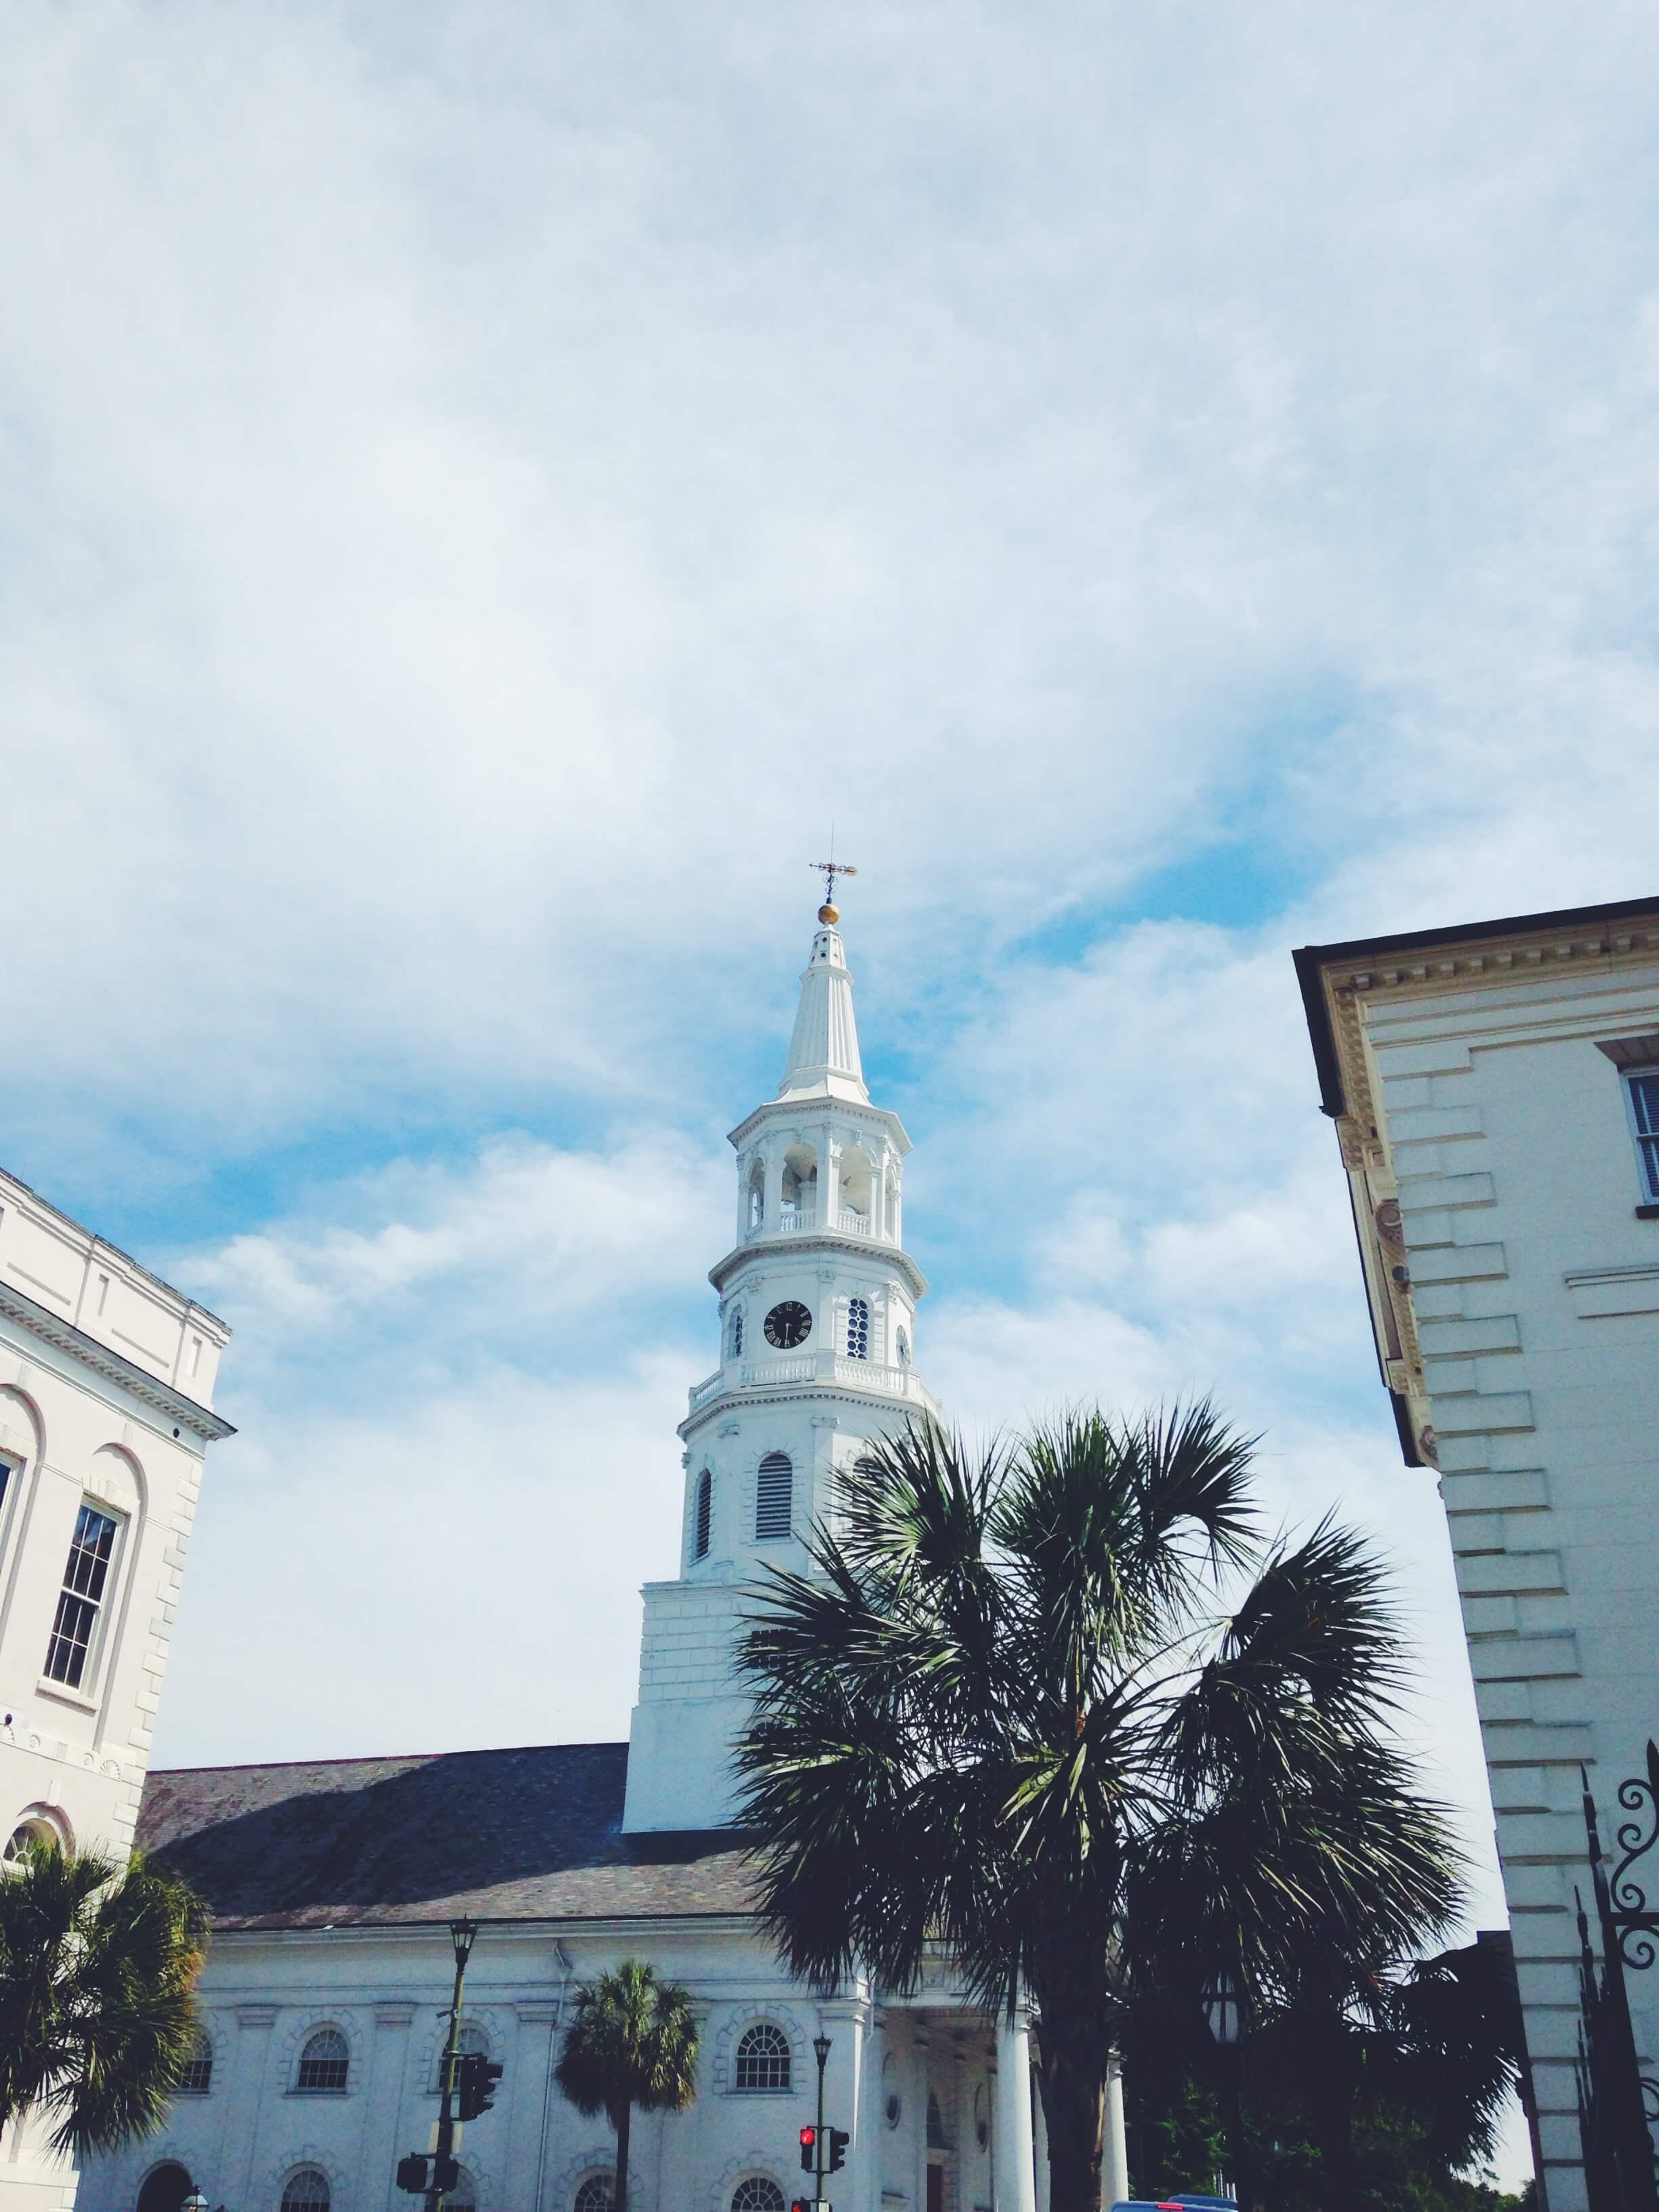 3 reasons you need to visit Charleston, South Carolina